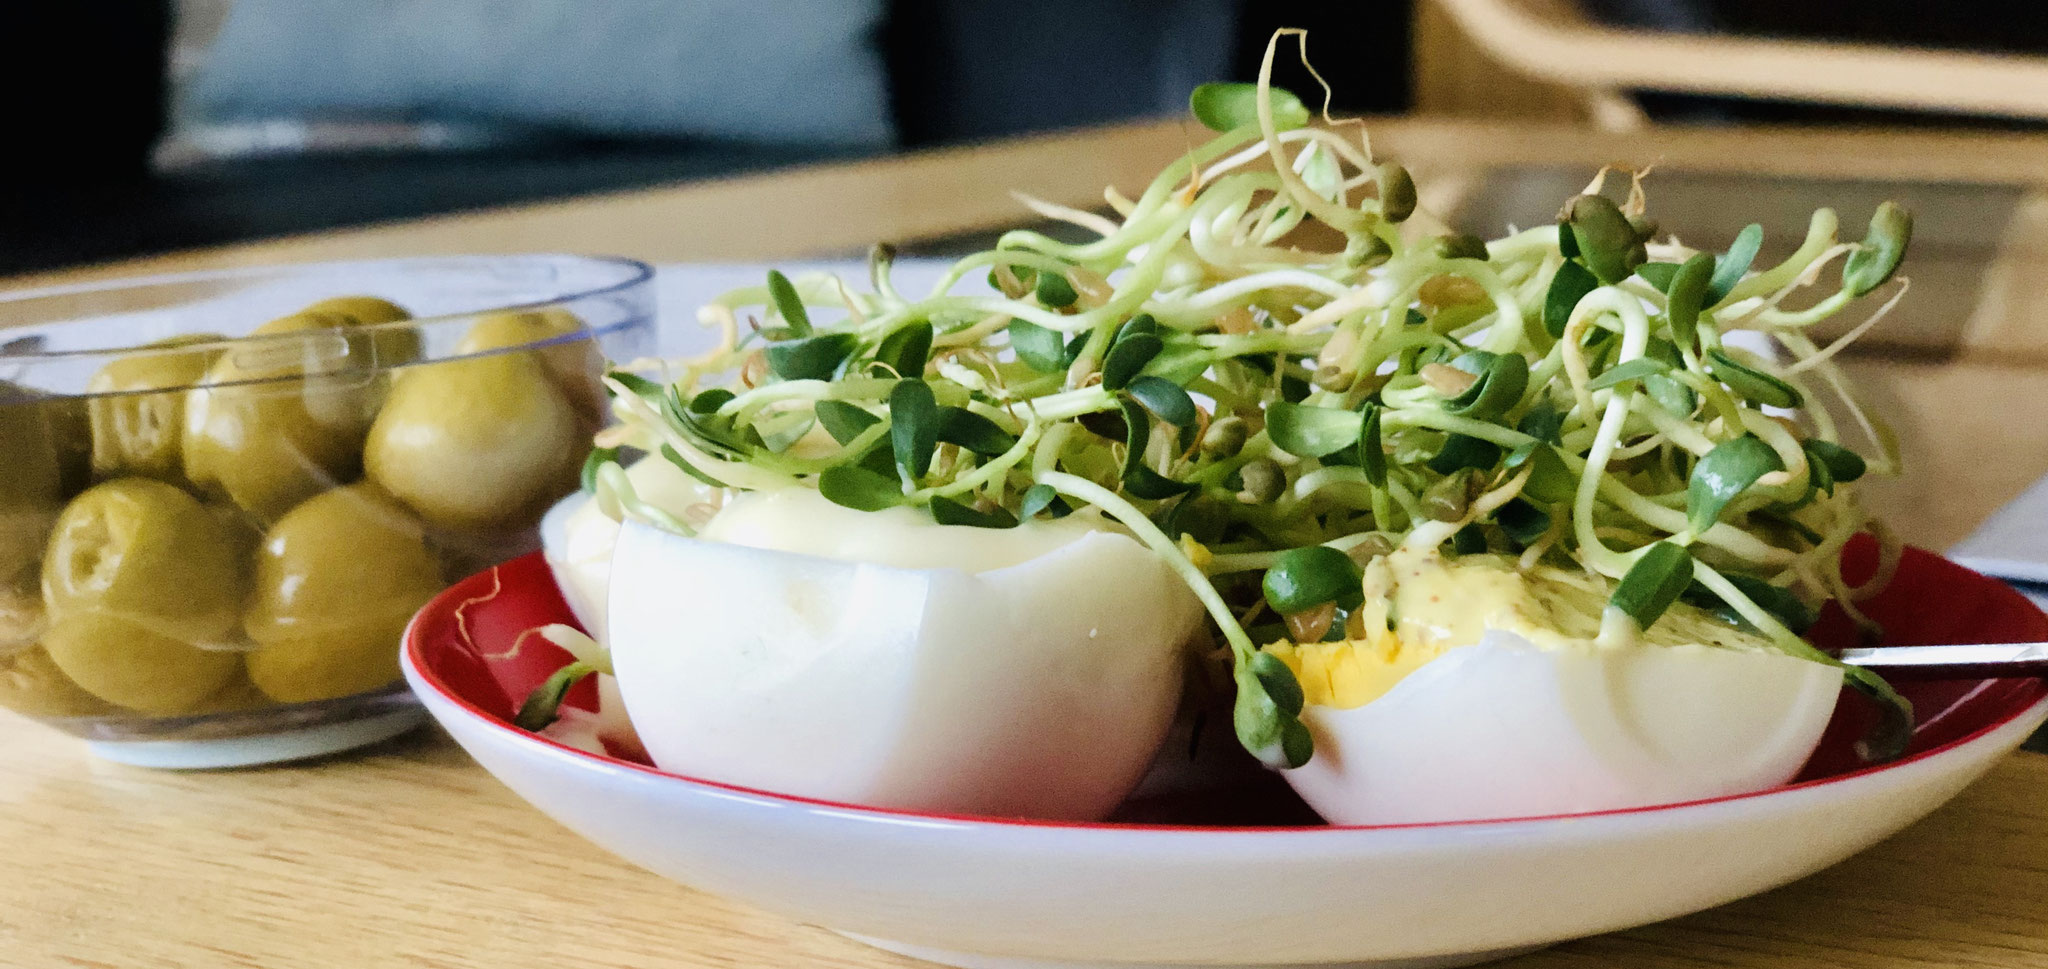 gekochte Eier mit Zitronenmayonnaise und Bockshornkleesprossen